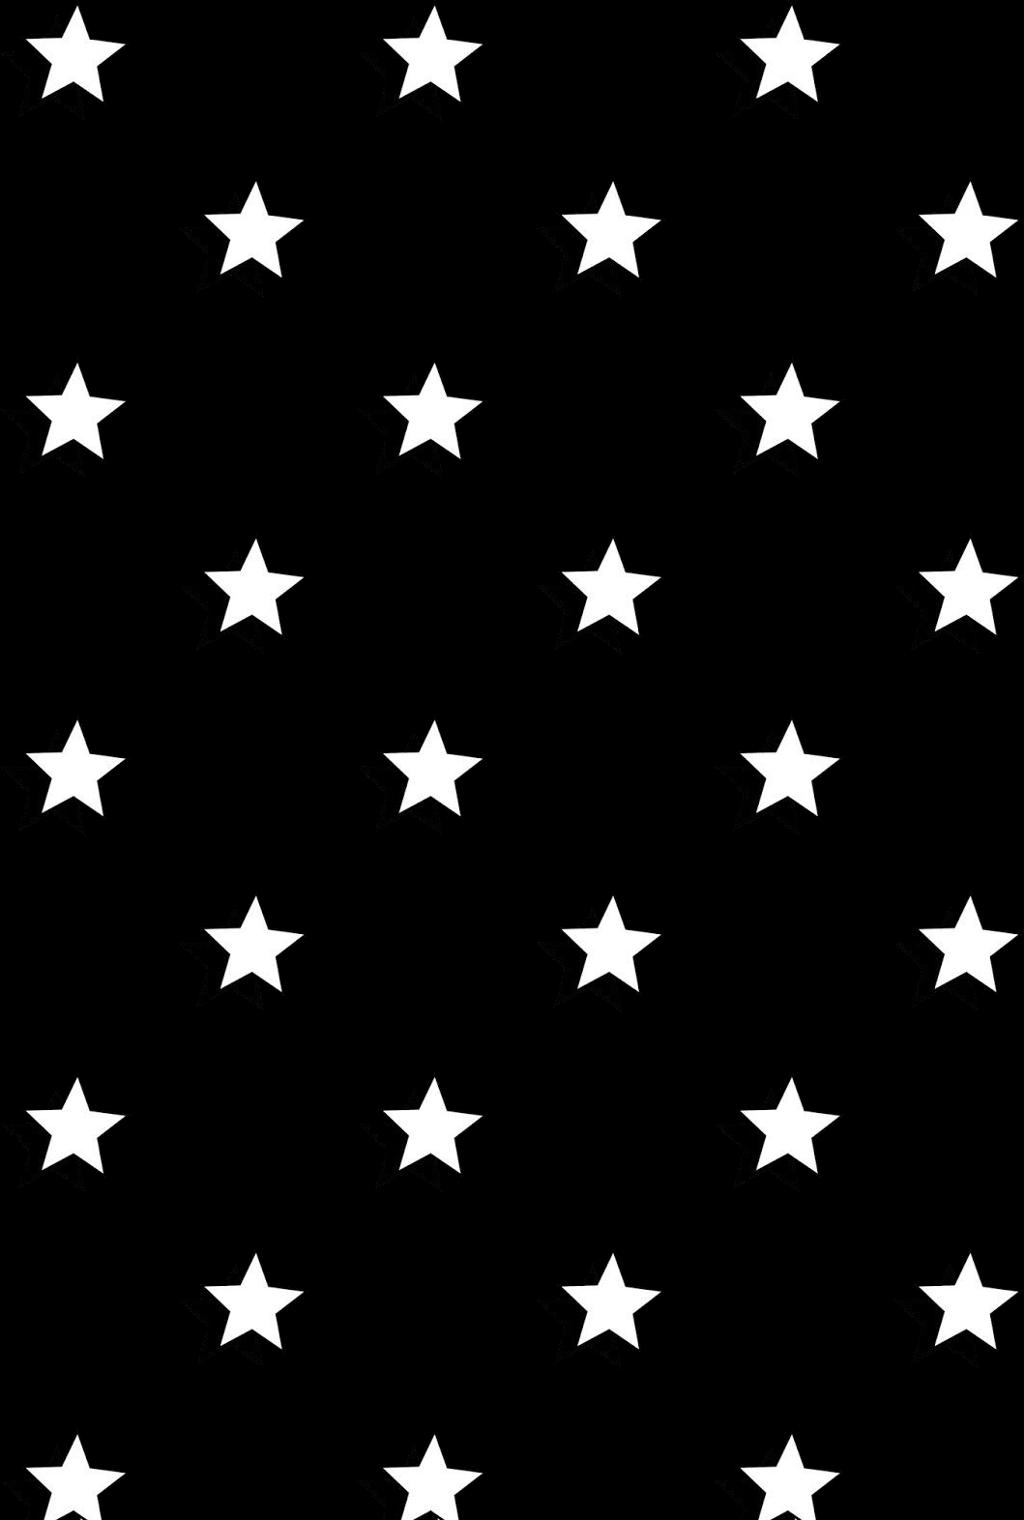 Tumblr White Aesthetic Star